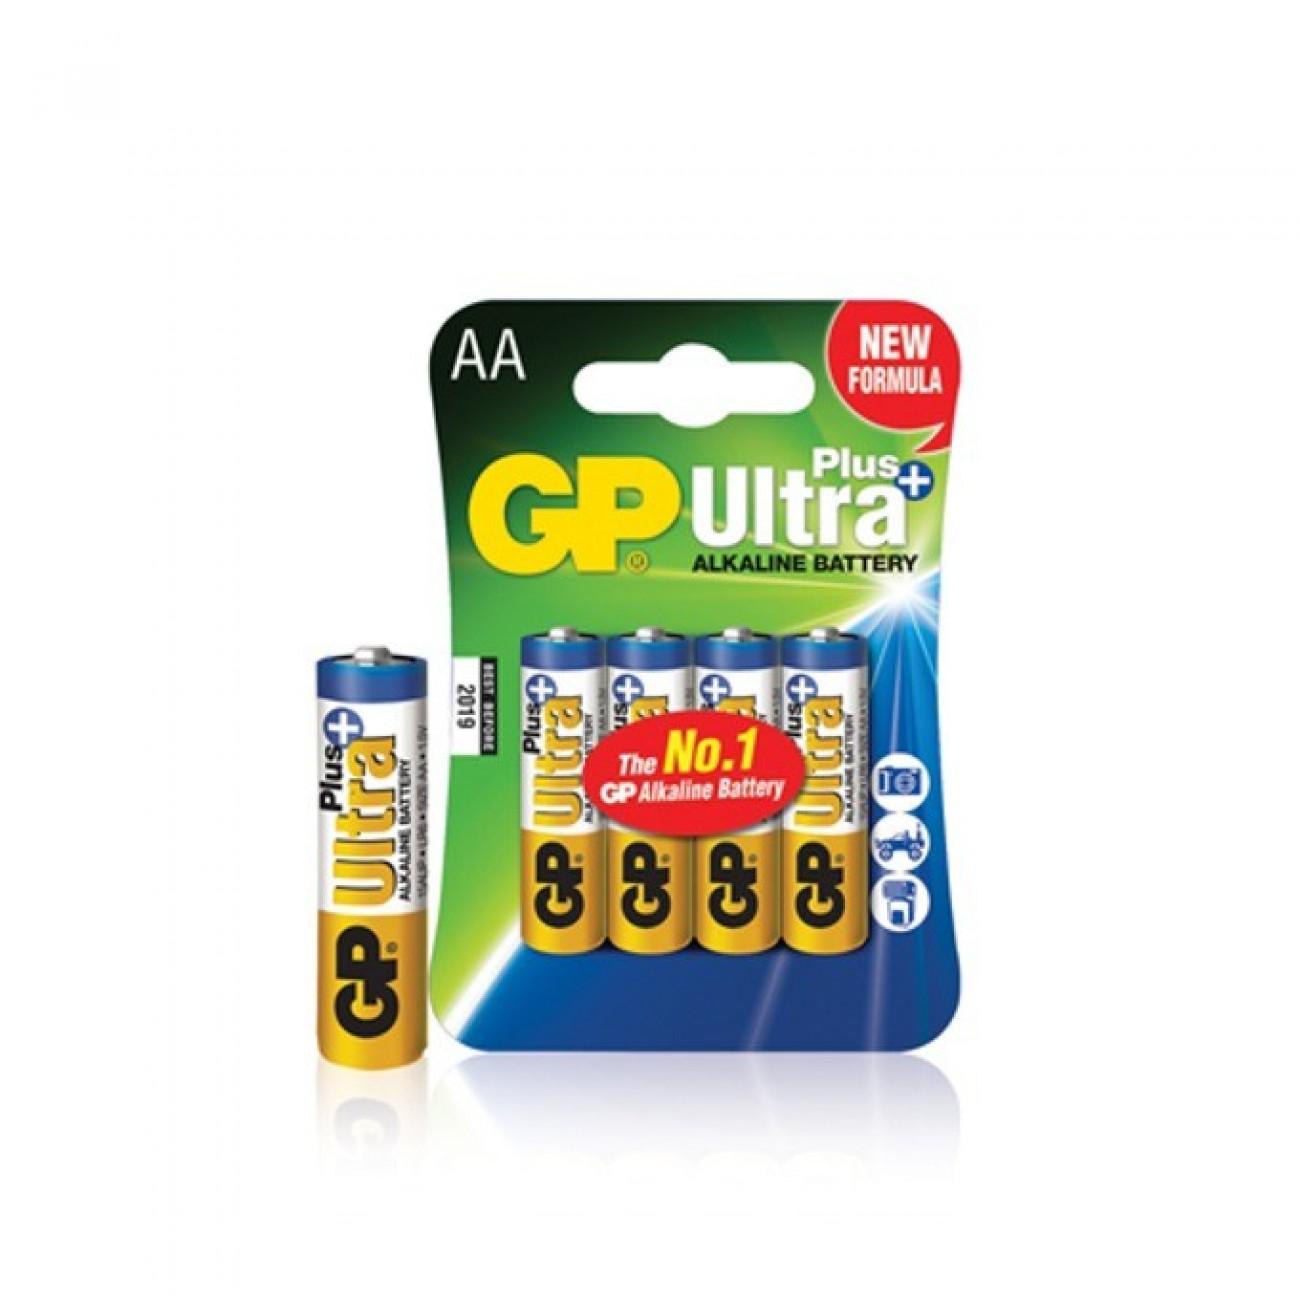 Батерии алкални GP Ultra AA, 1.5V, 4 бр. в Стандартни Еднократни батерии -  | Alleop